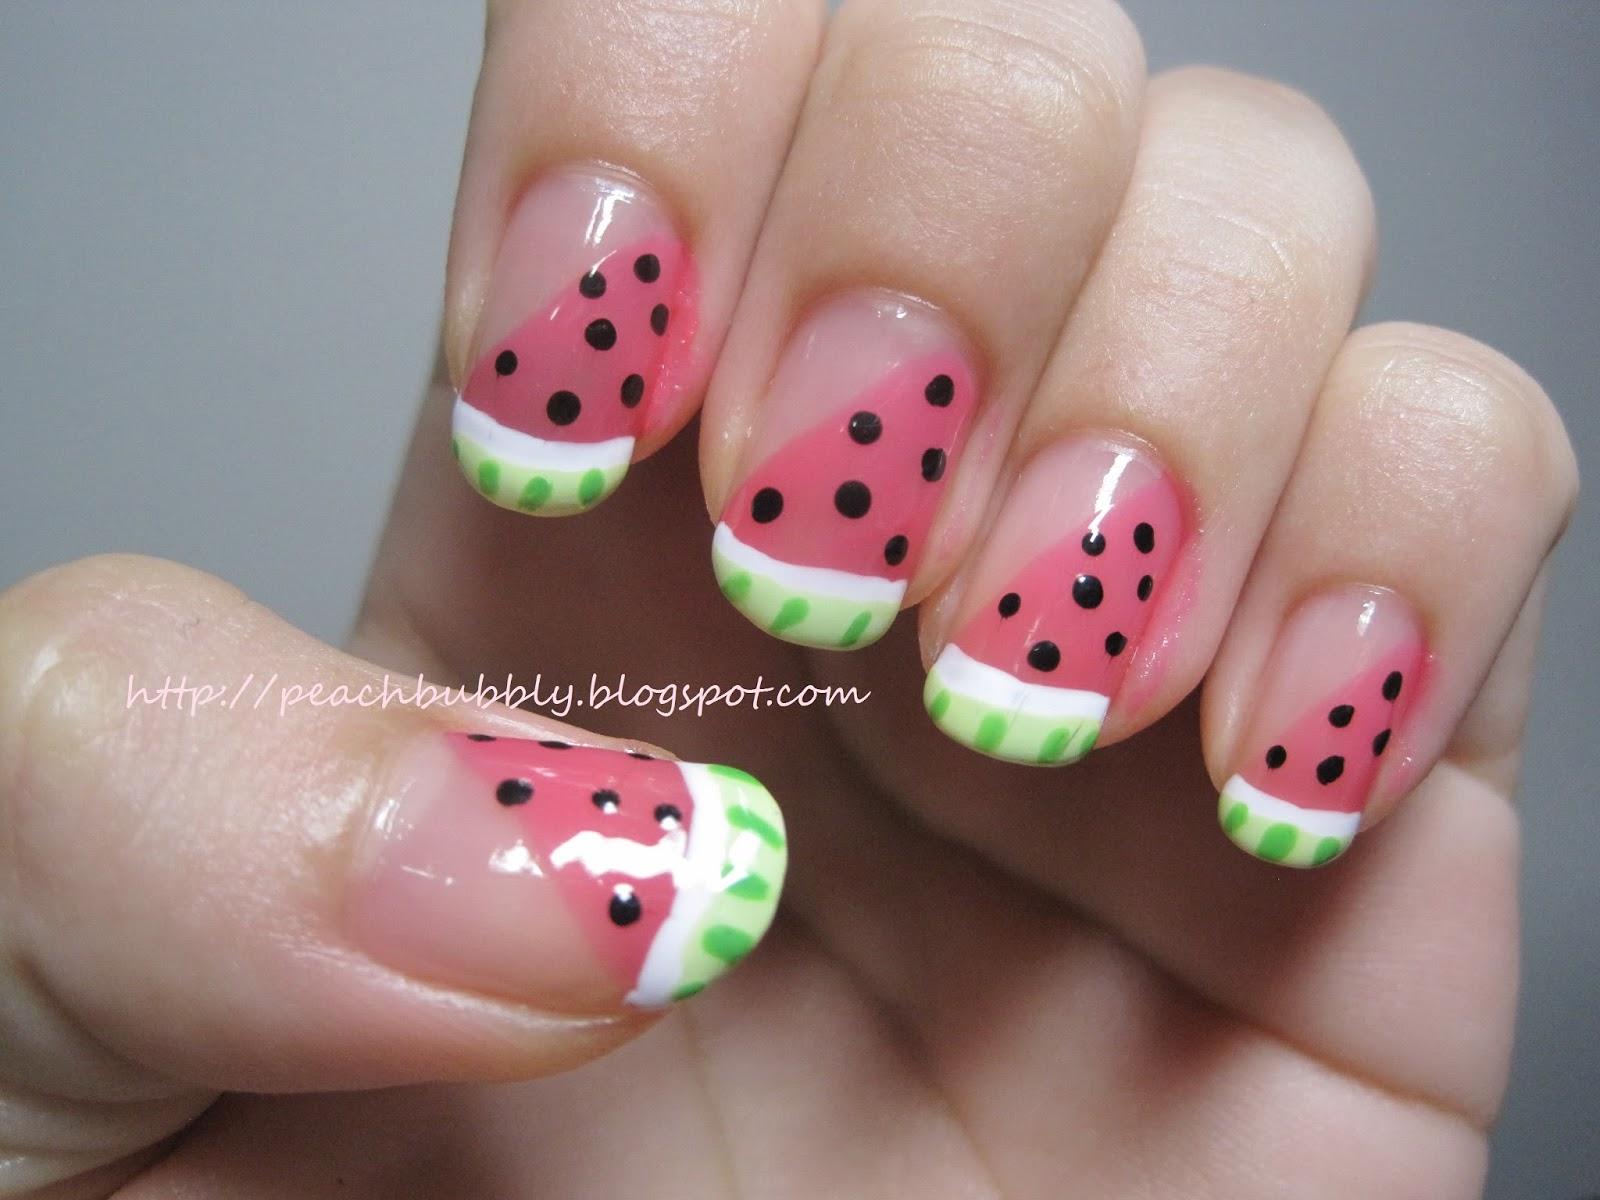 Peachbubbly Watermelon Nail Art Tutorial